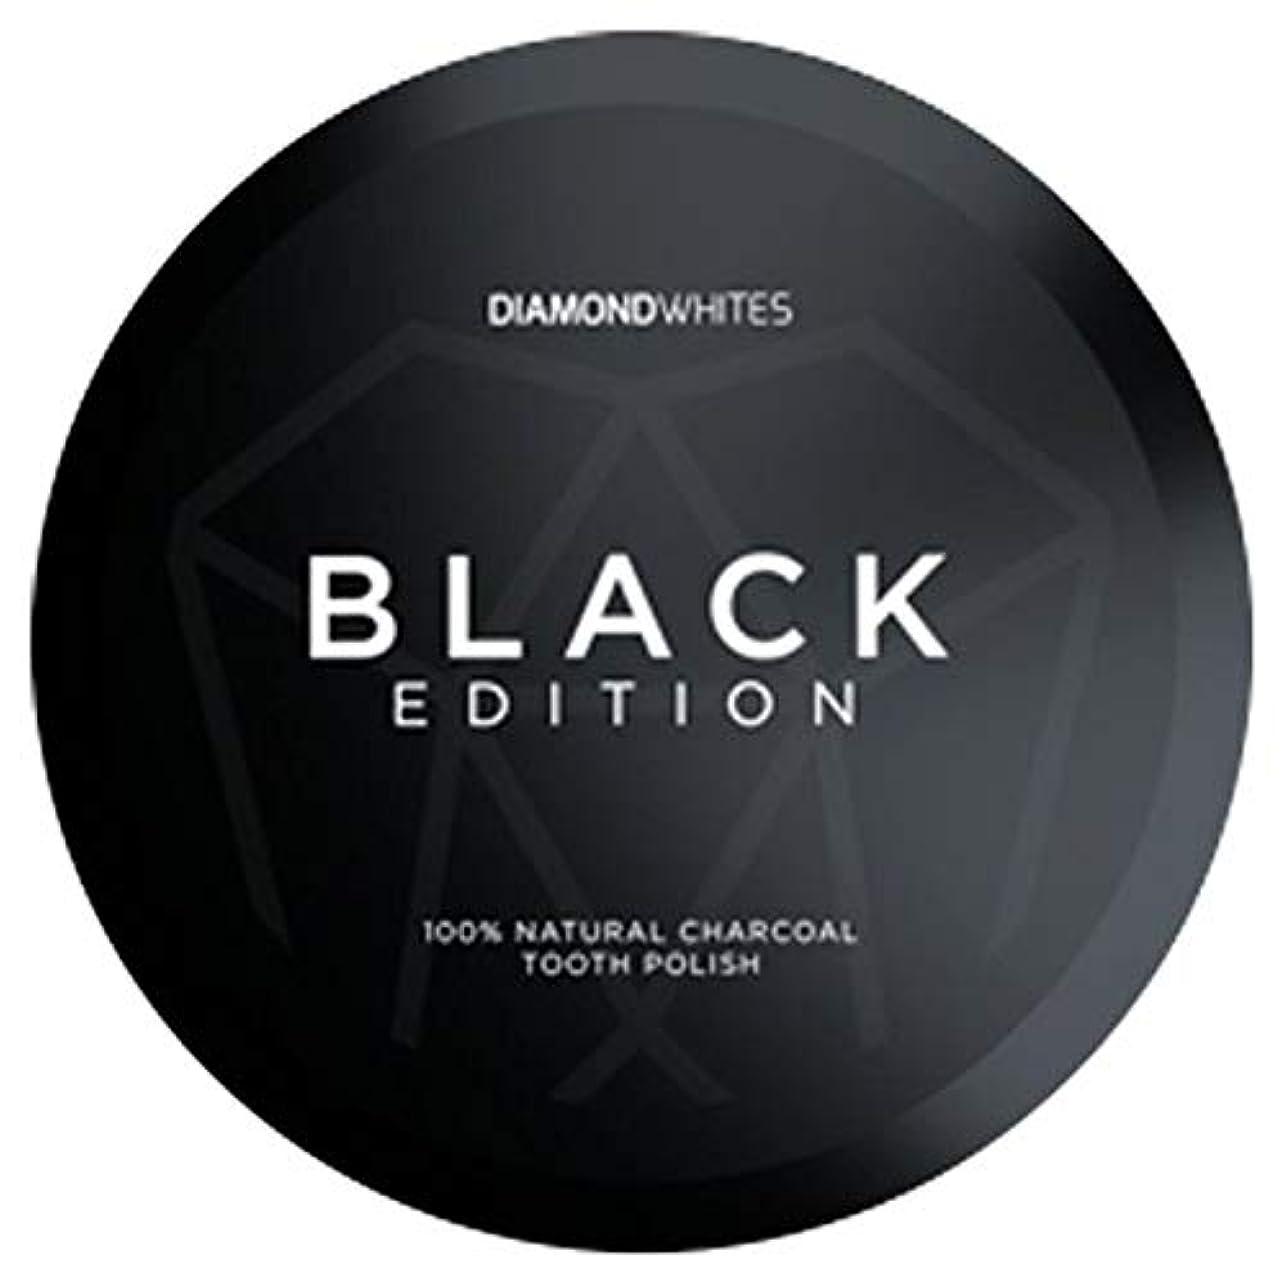 相談把握空の[Diamond Whites] ダイヤモンド白ブラックエディション粉末32グラム - Diamond Whites Black Edition Powder 32G [並行輸入品]